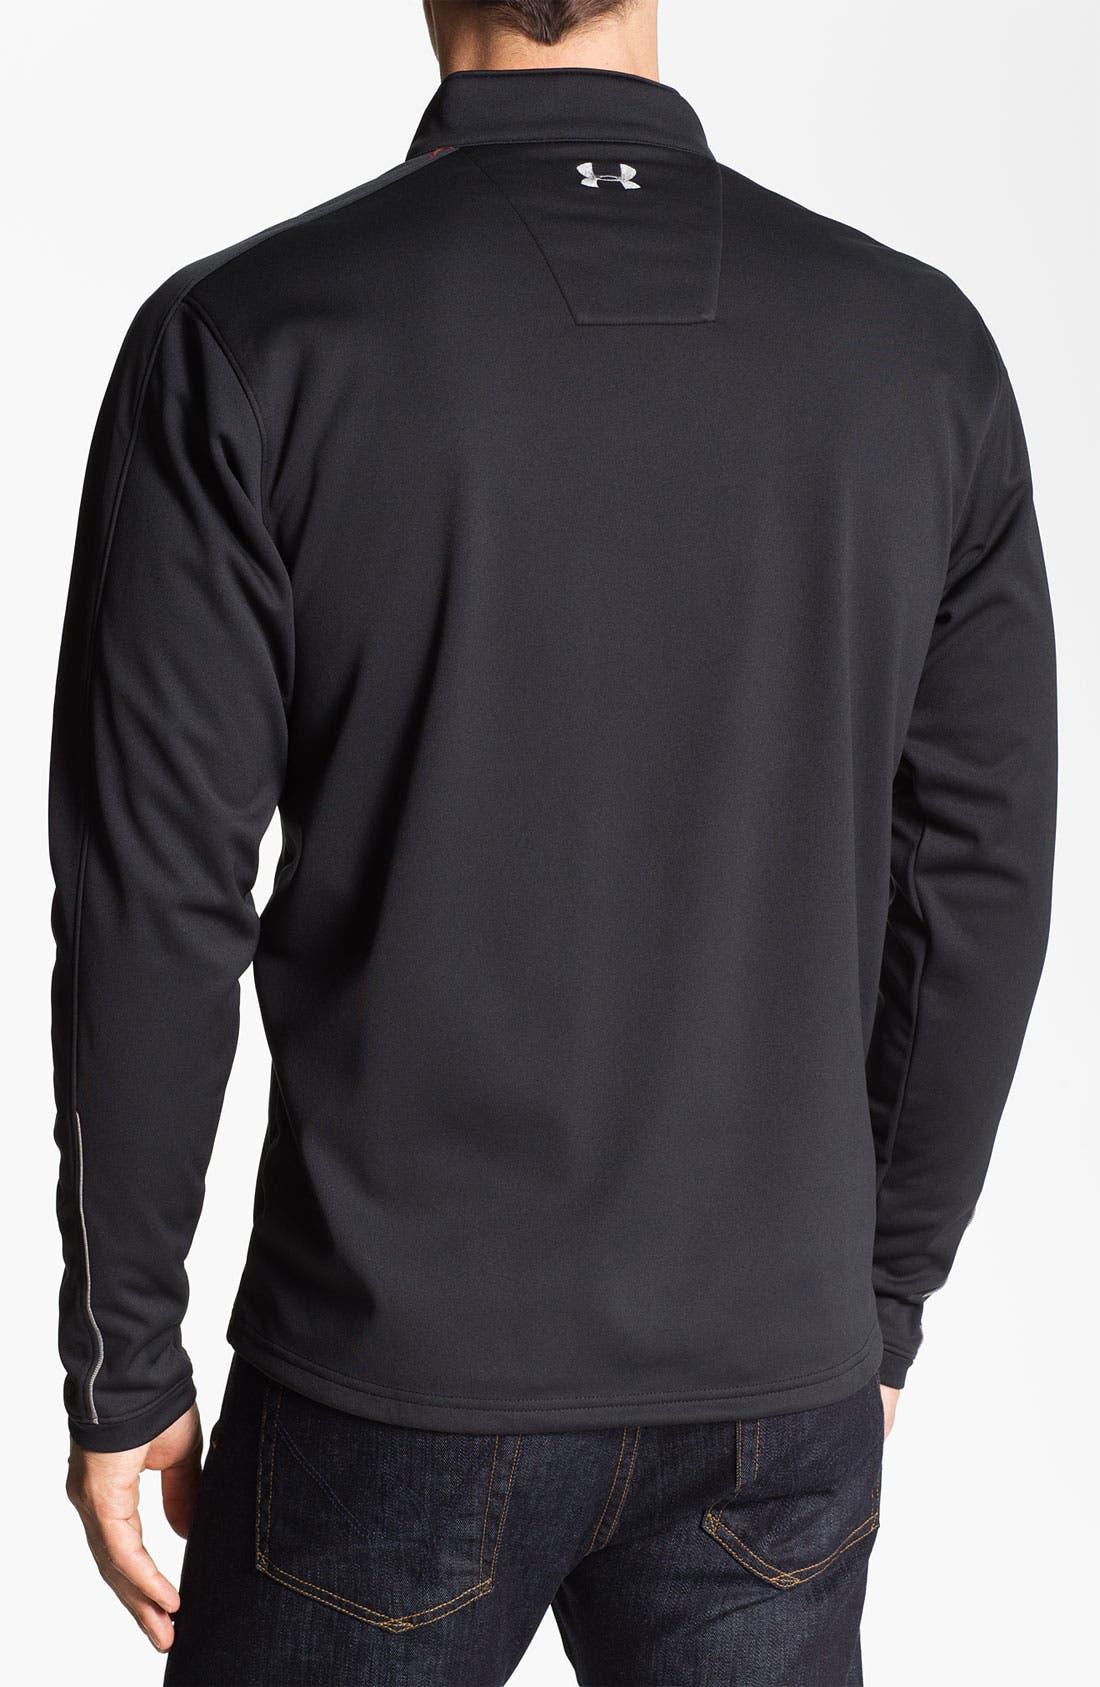 Alternate Image 2  - Under Armour 'ColdGear® Elements - Storm' Quarter Zip Jacket